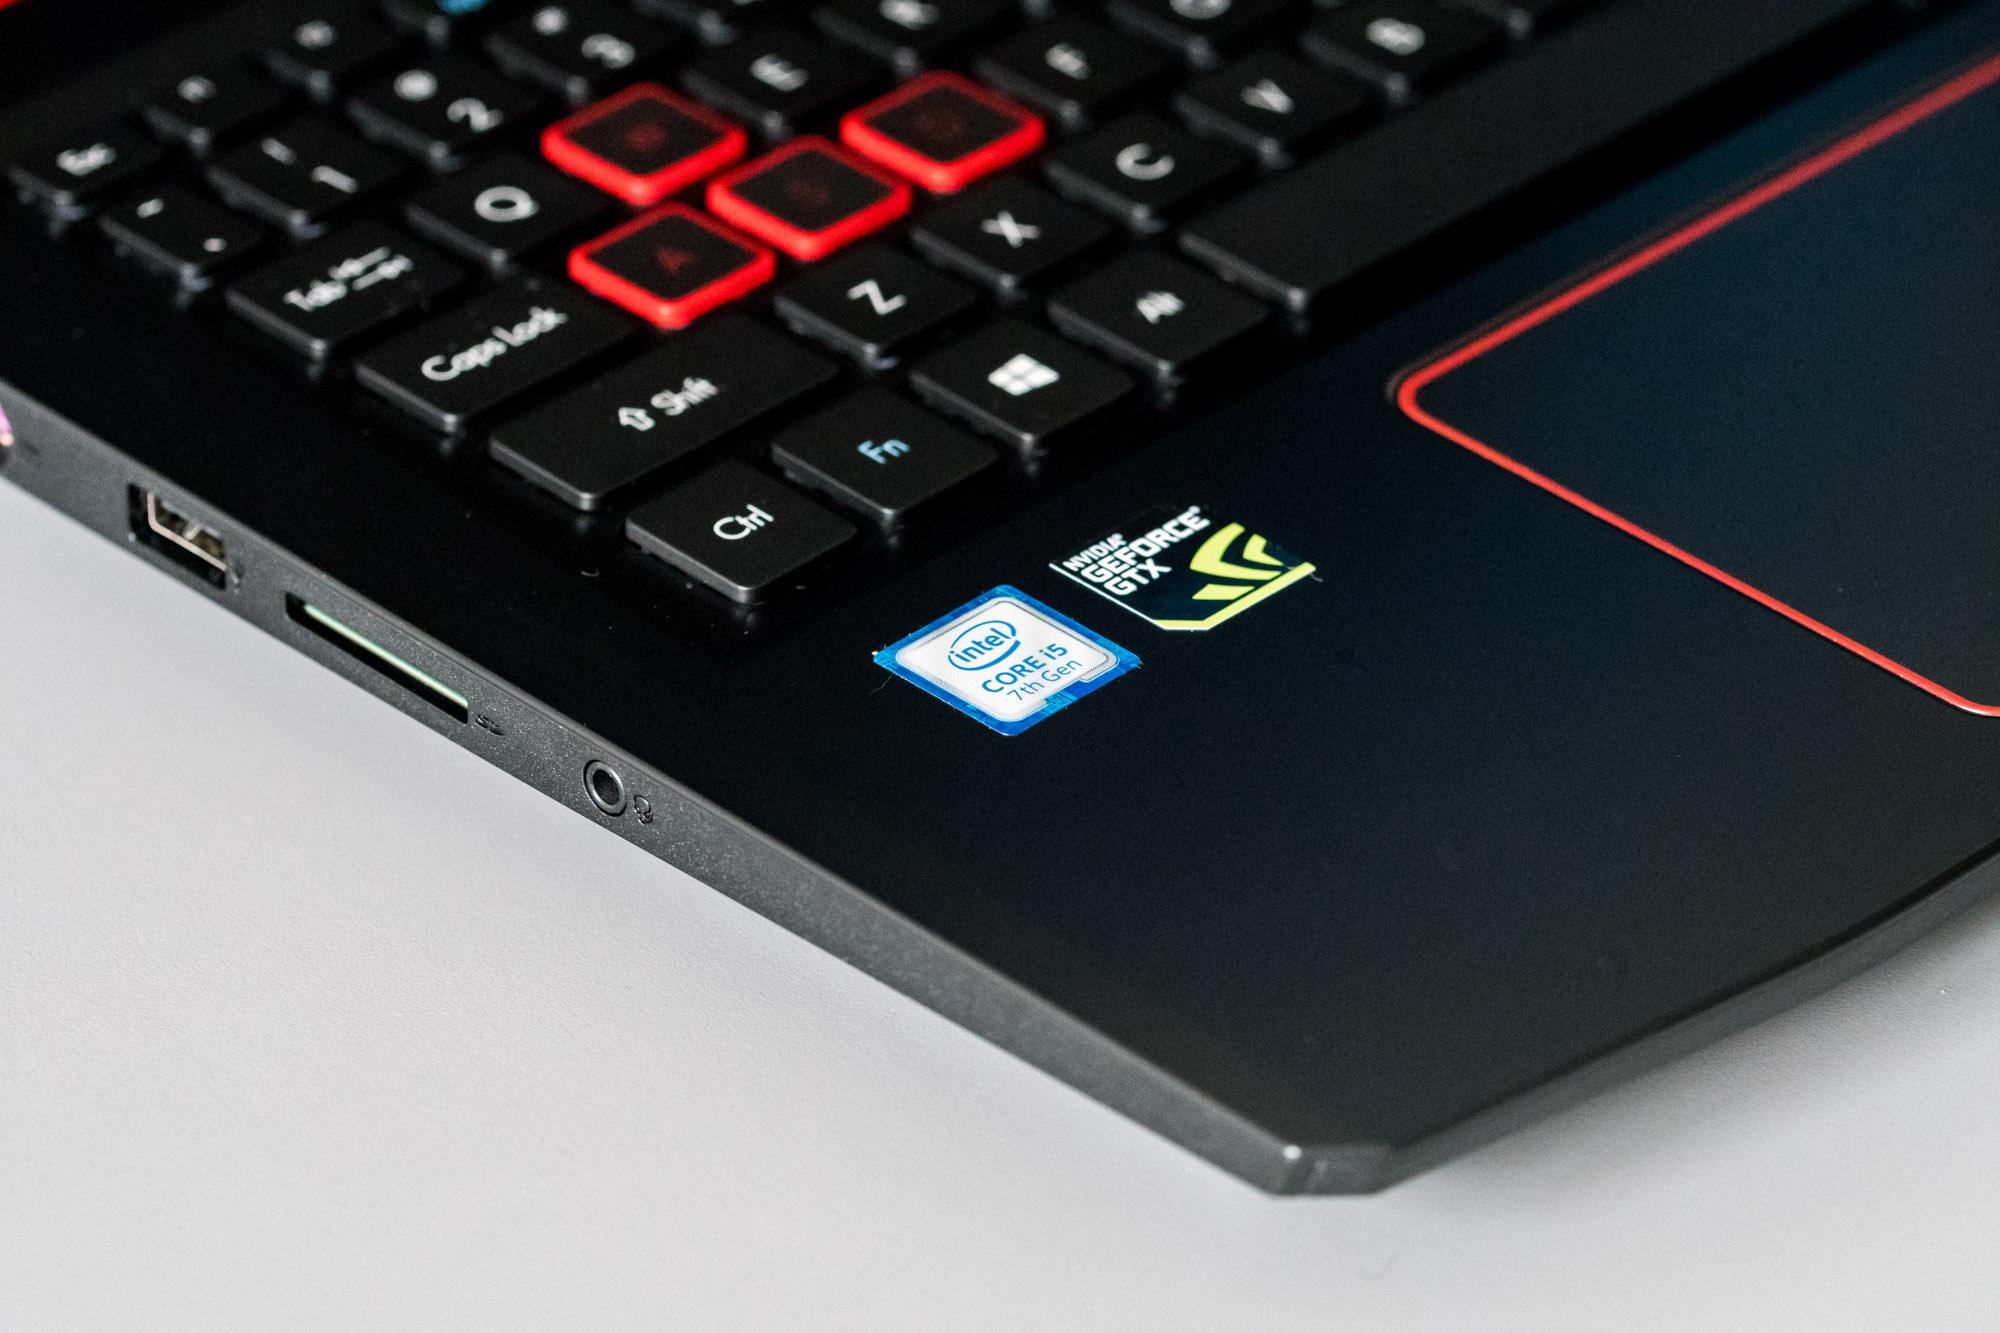 Acer Vx 15 Recenzja Niedrogiego Laptopa Dla Graczy